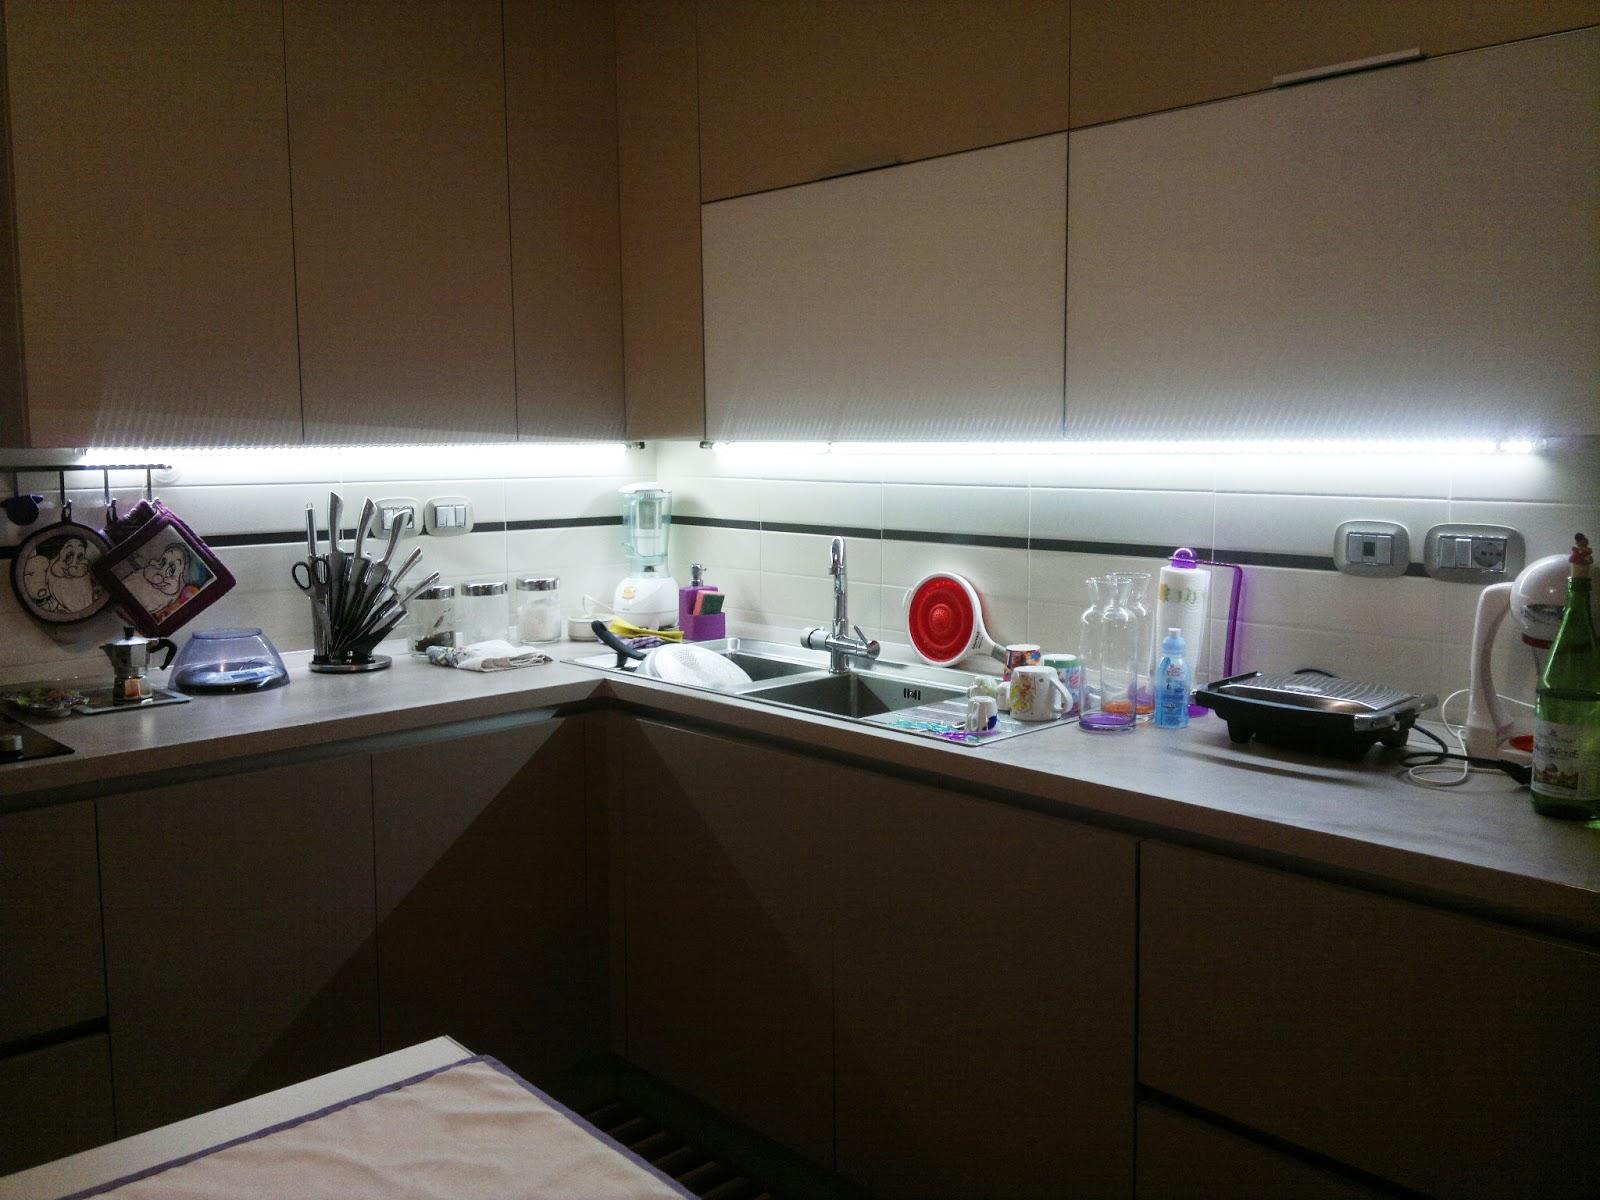 Illuminazione led casa - Led in cucina ...